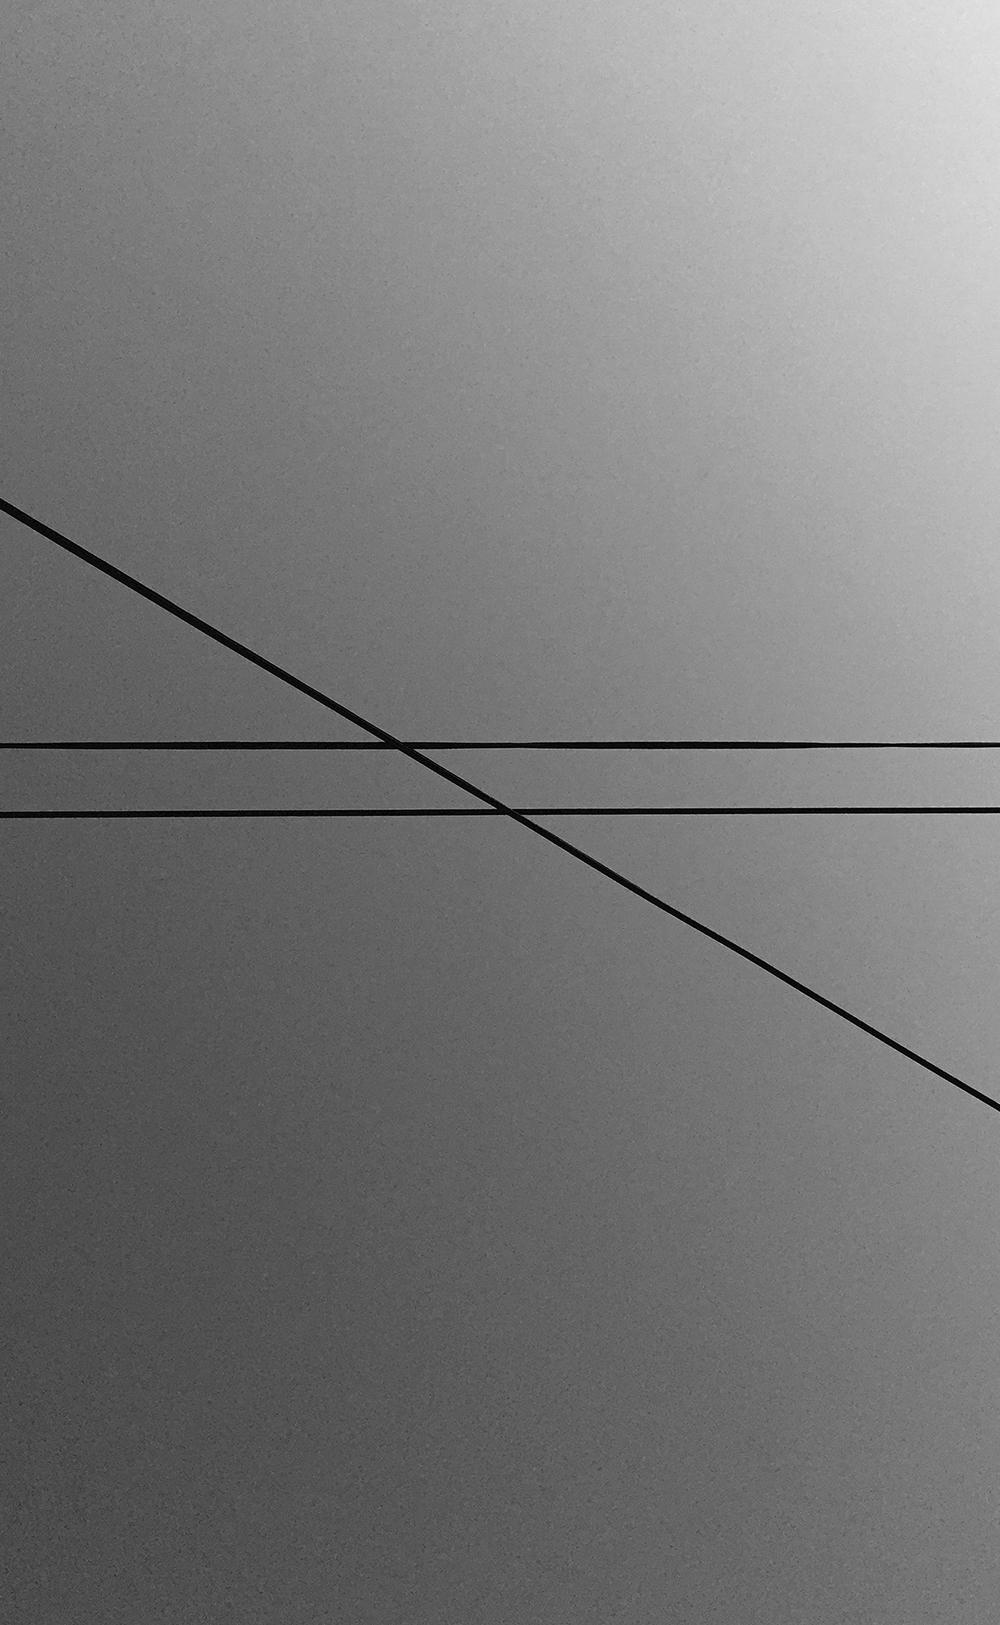 Wires02.jpg